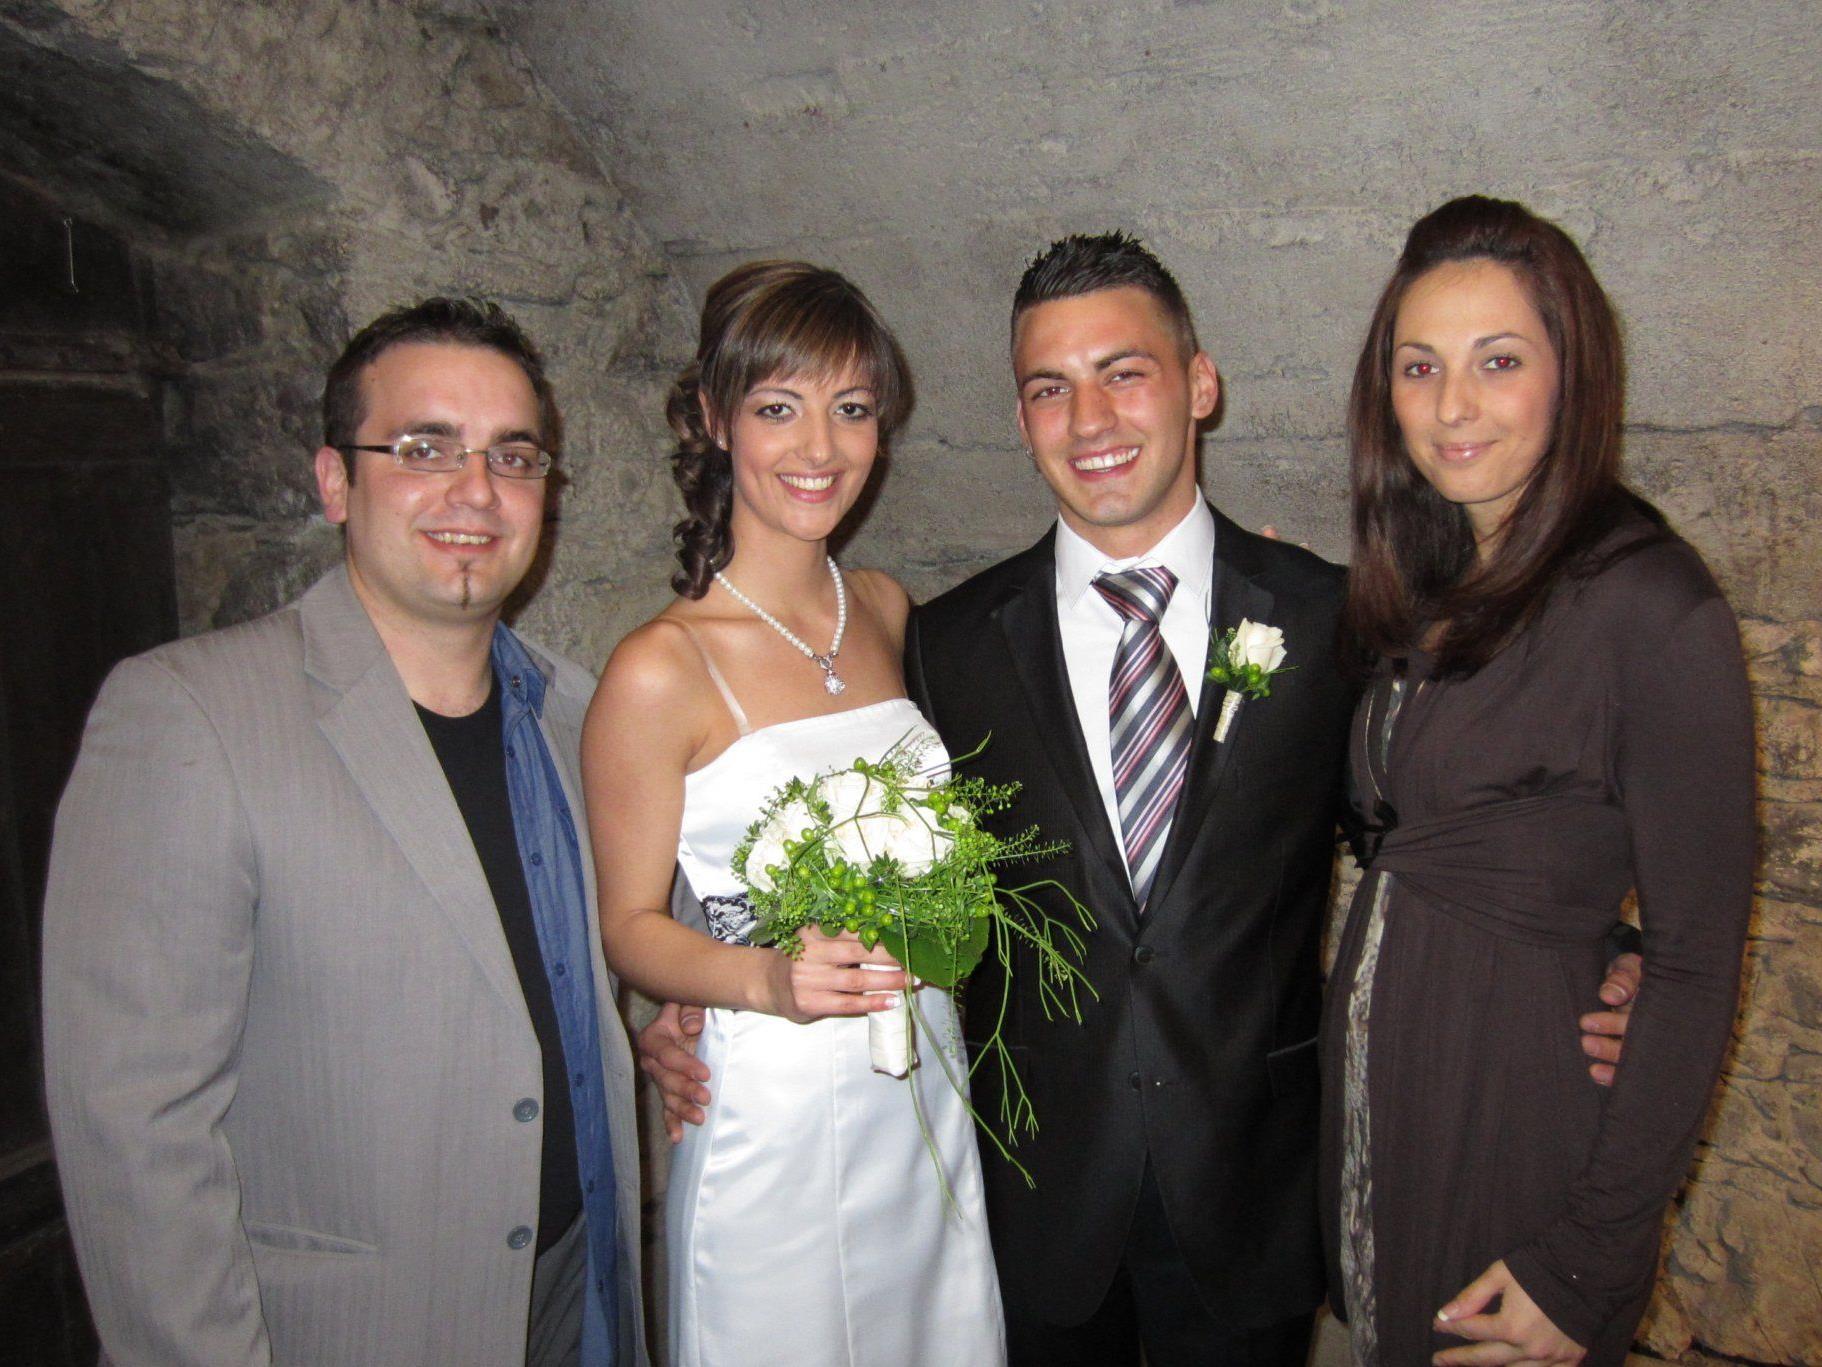 Suzana Mladenovic und Petar Gvozdenac haben geheiratet.